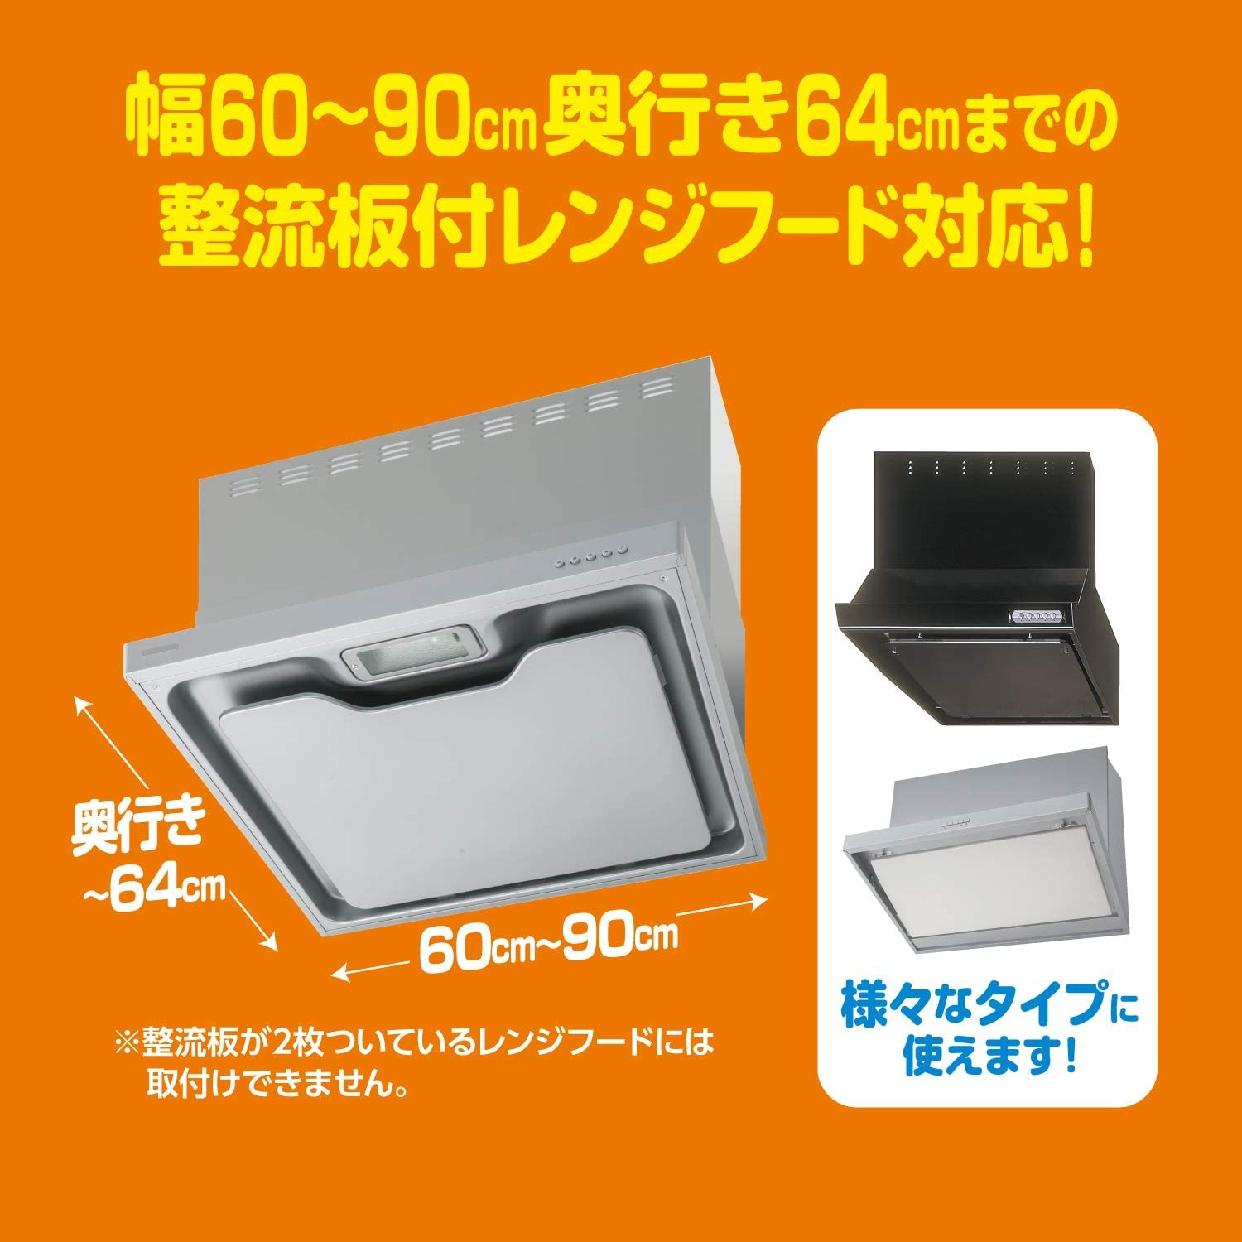 東洋アルミ(トウヨウアルミ)整流板付専用パッと貼るだけスーパーフィルター 1枚入 S3074の商品画像4